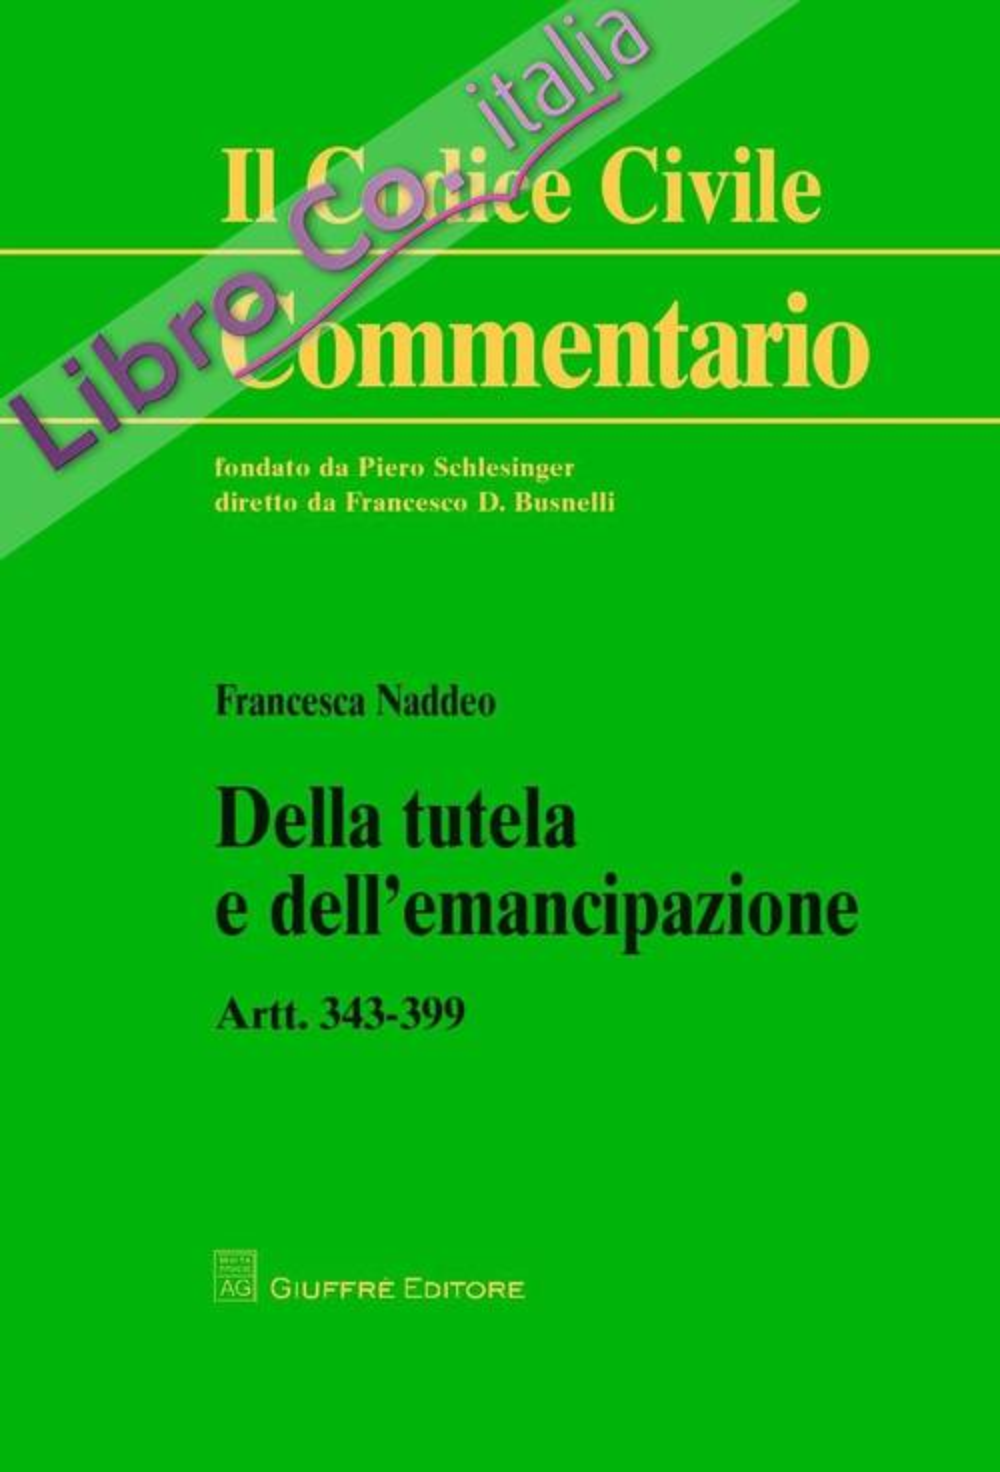 Della tutela e dell'emancipazione. Artt. 343-399